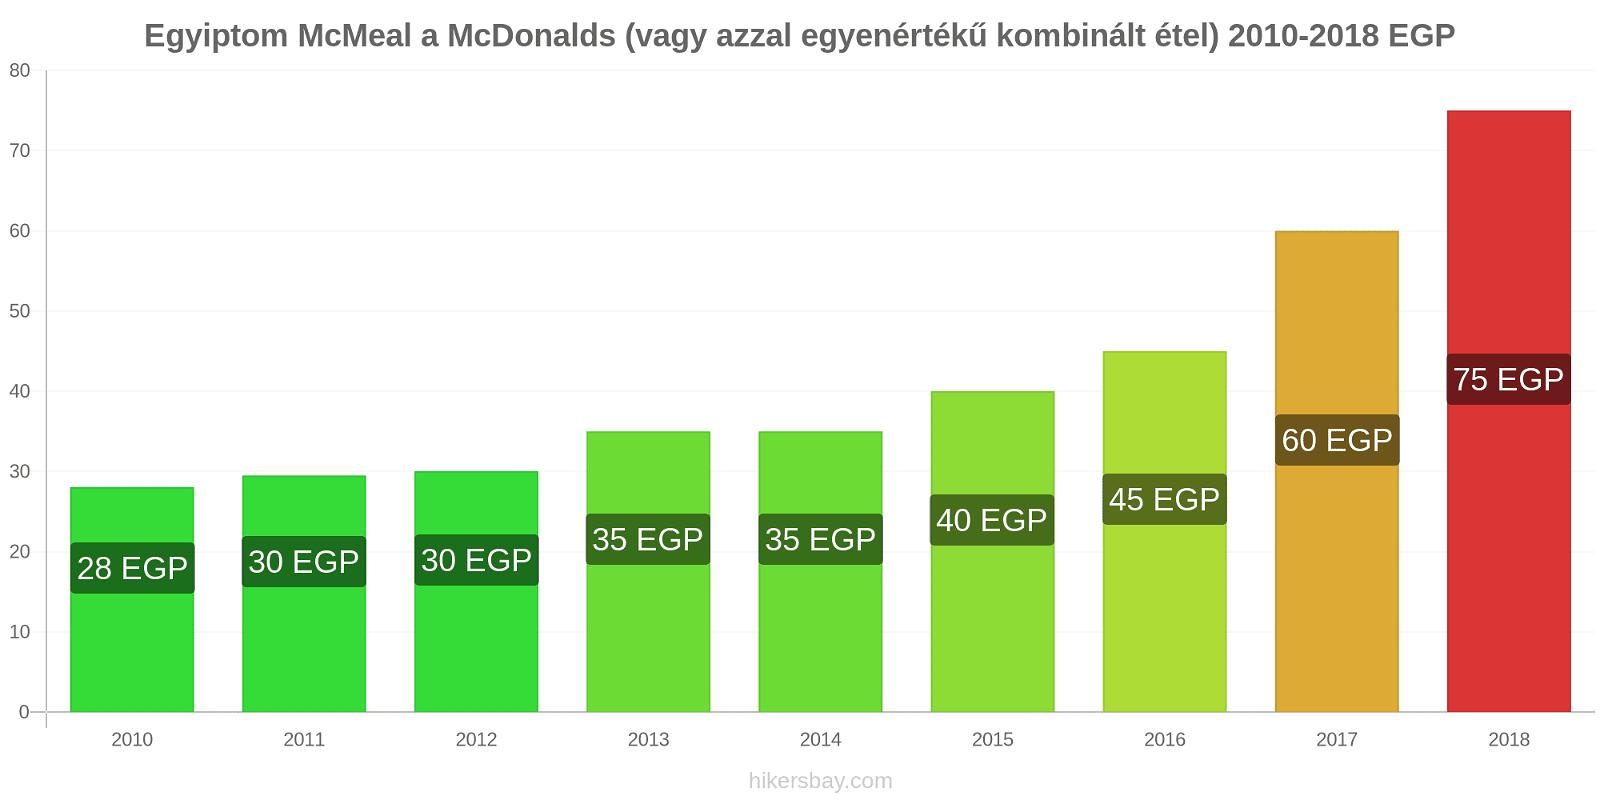 Egyiptom árváltozások McMeal a McDonalds (vagy azzal egyenértékű kombinált étel) hikersbay.com